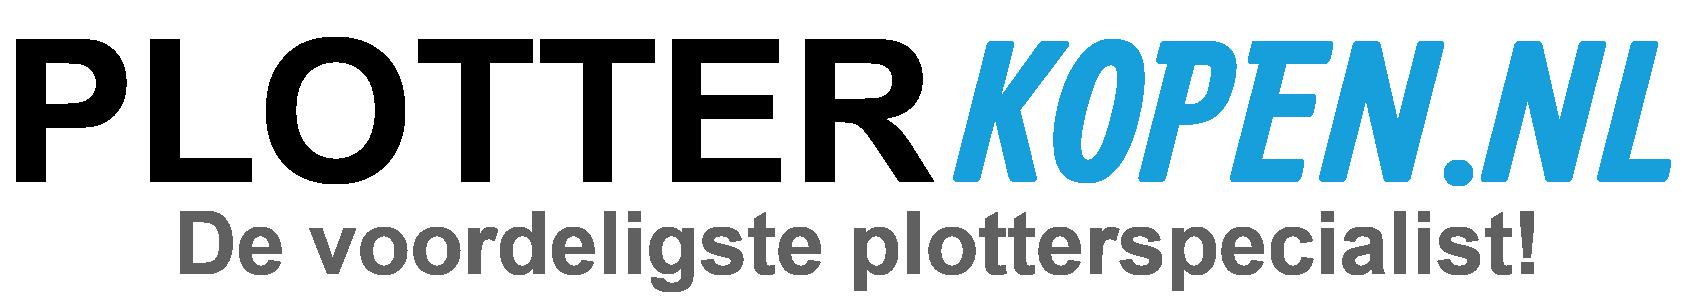 Plotterkopen.nl